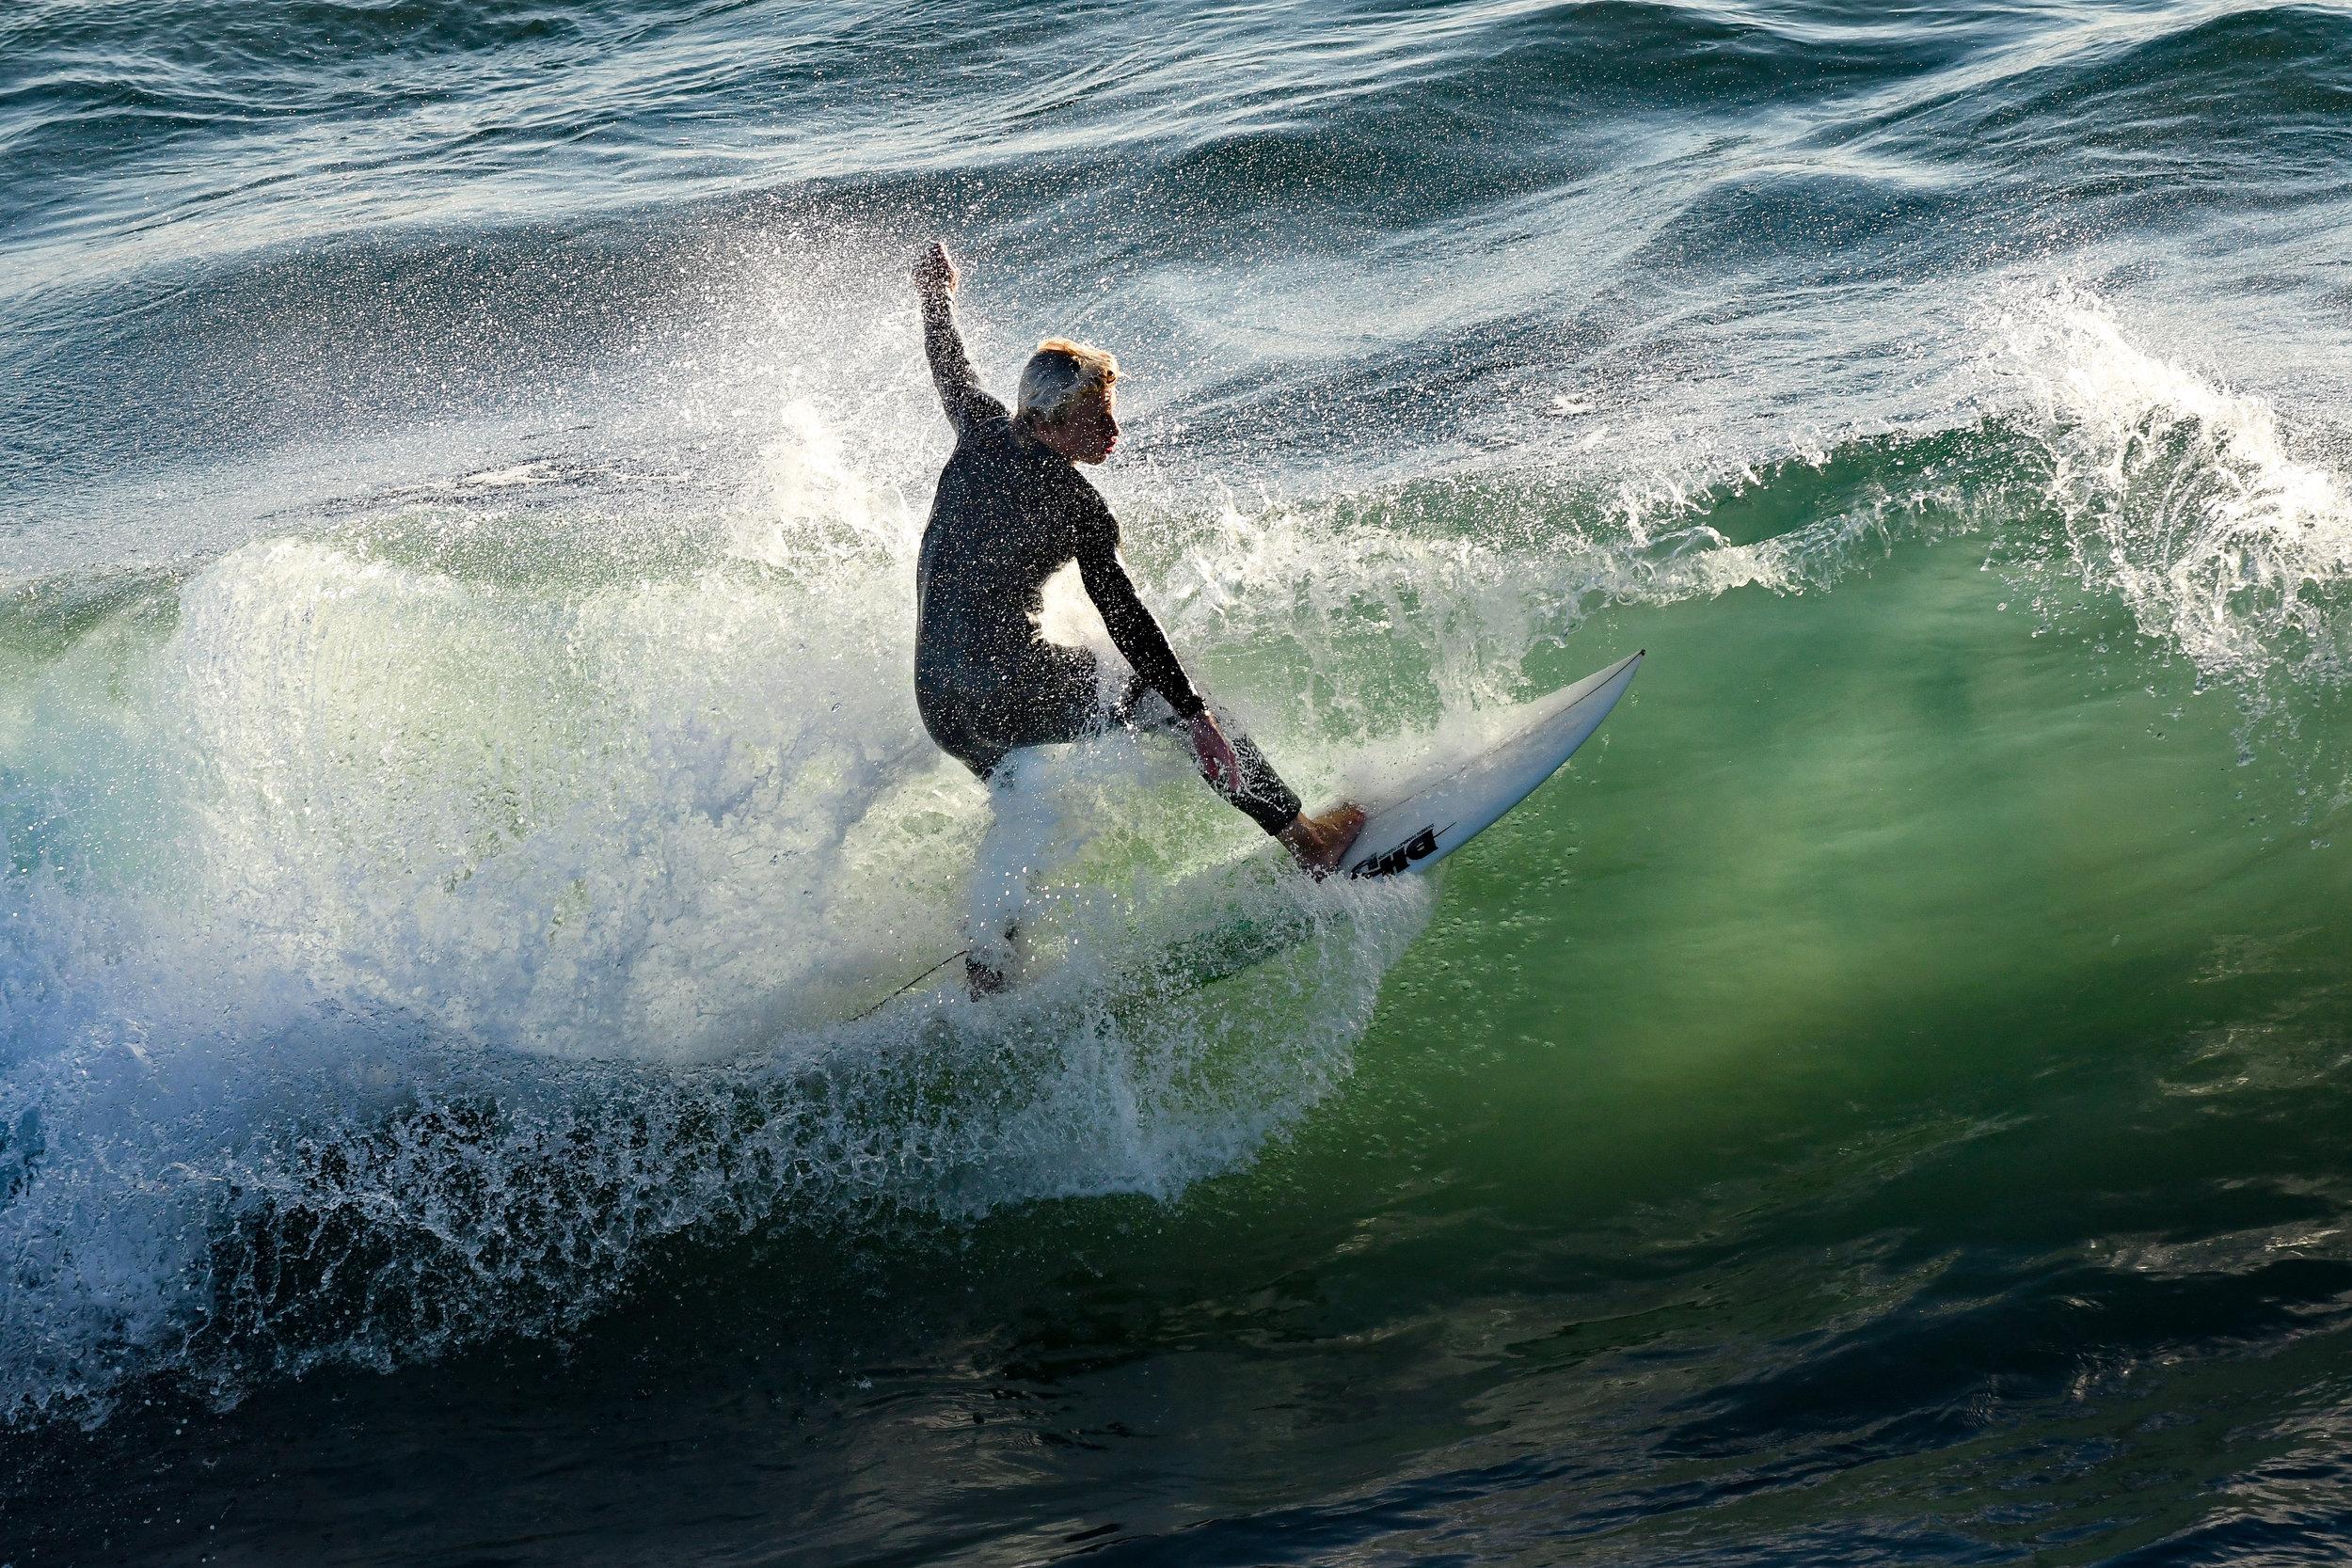 West Coast Surf - Huntington Beach